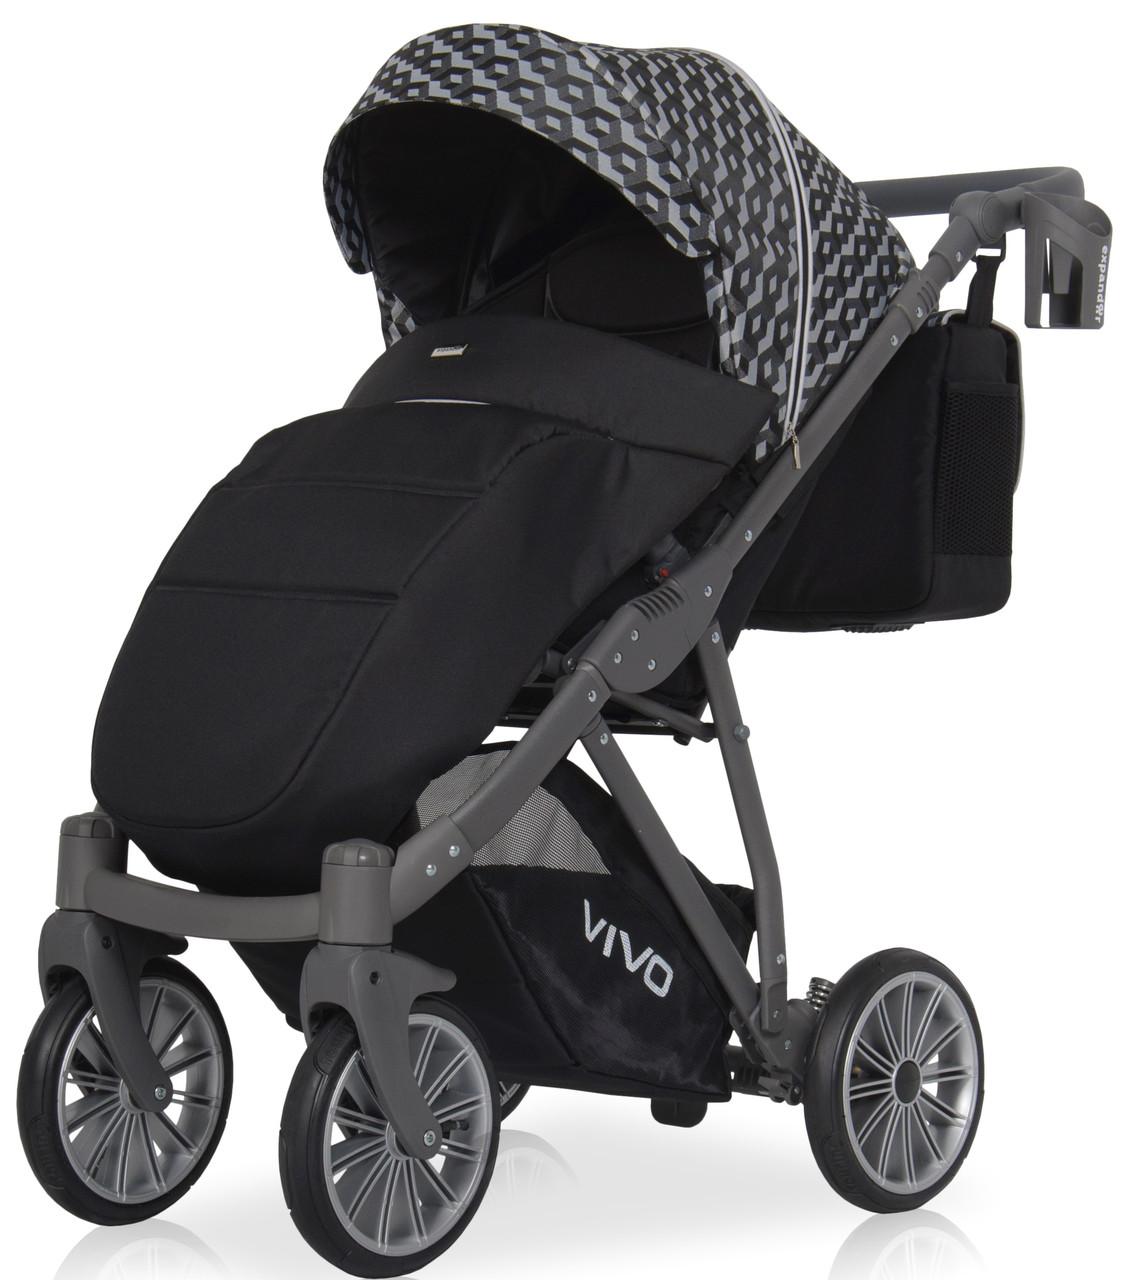 Дитяча універсальна прогулянкова коляска Riko Vivo 01